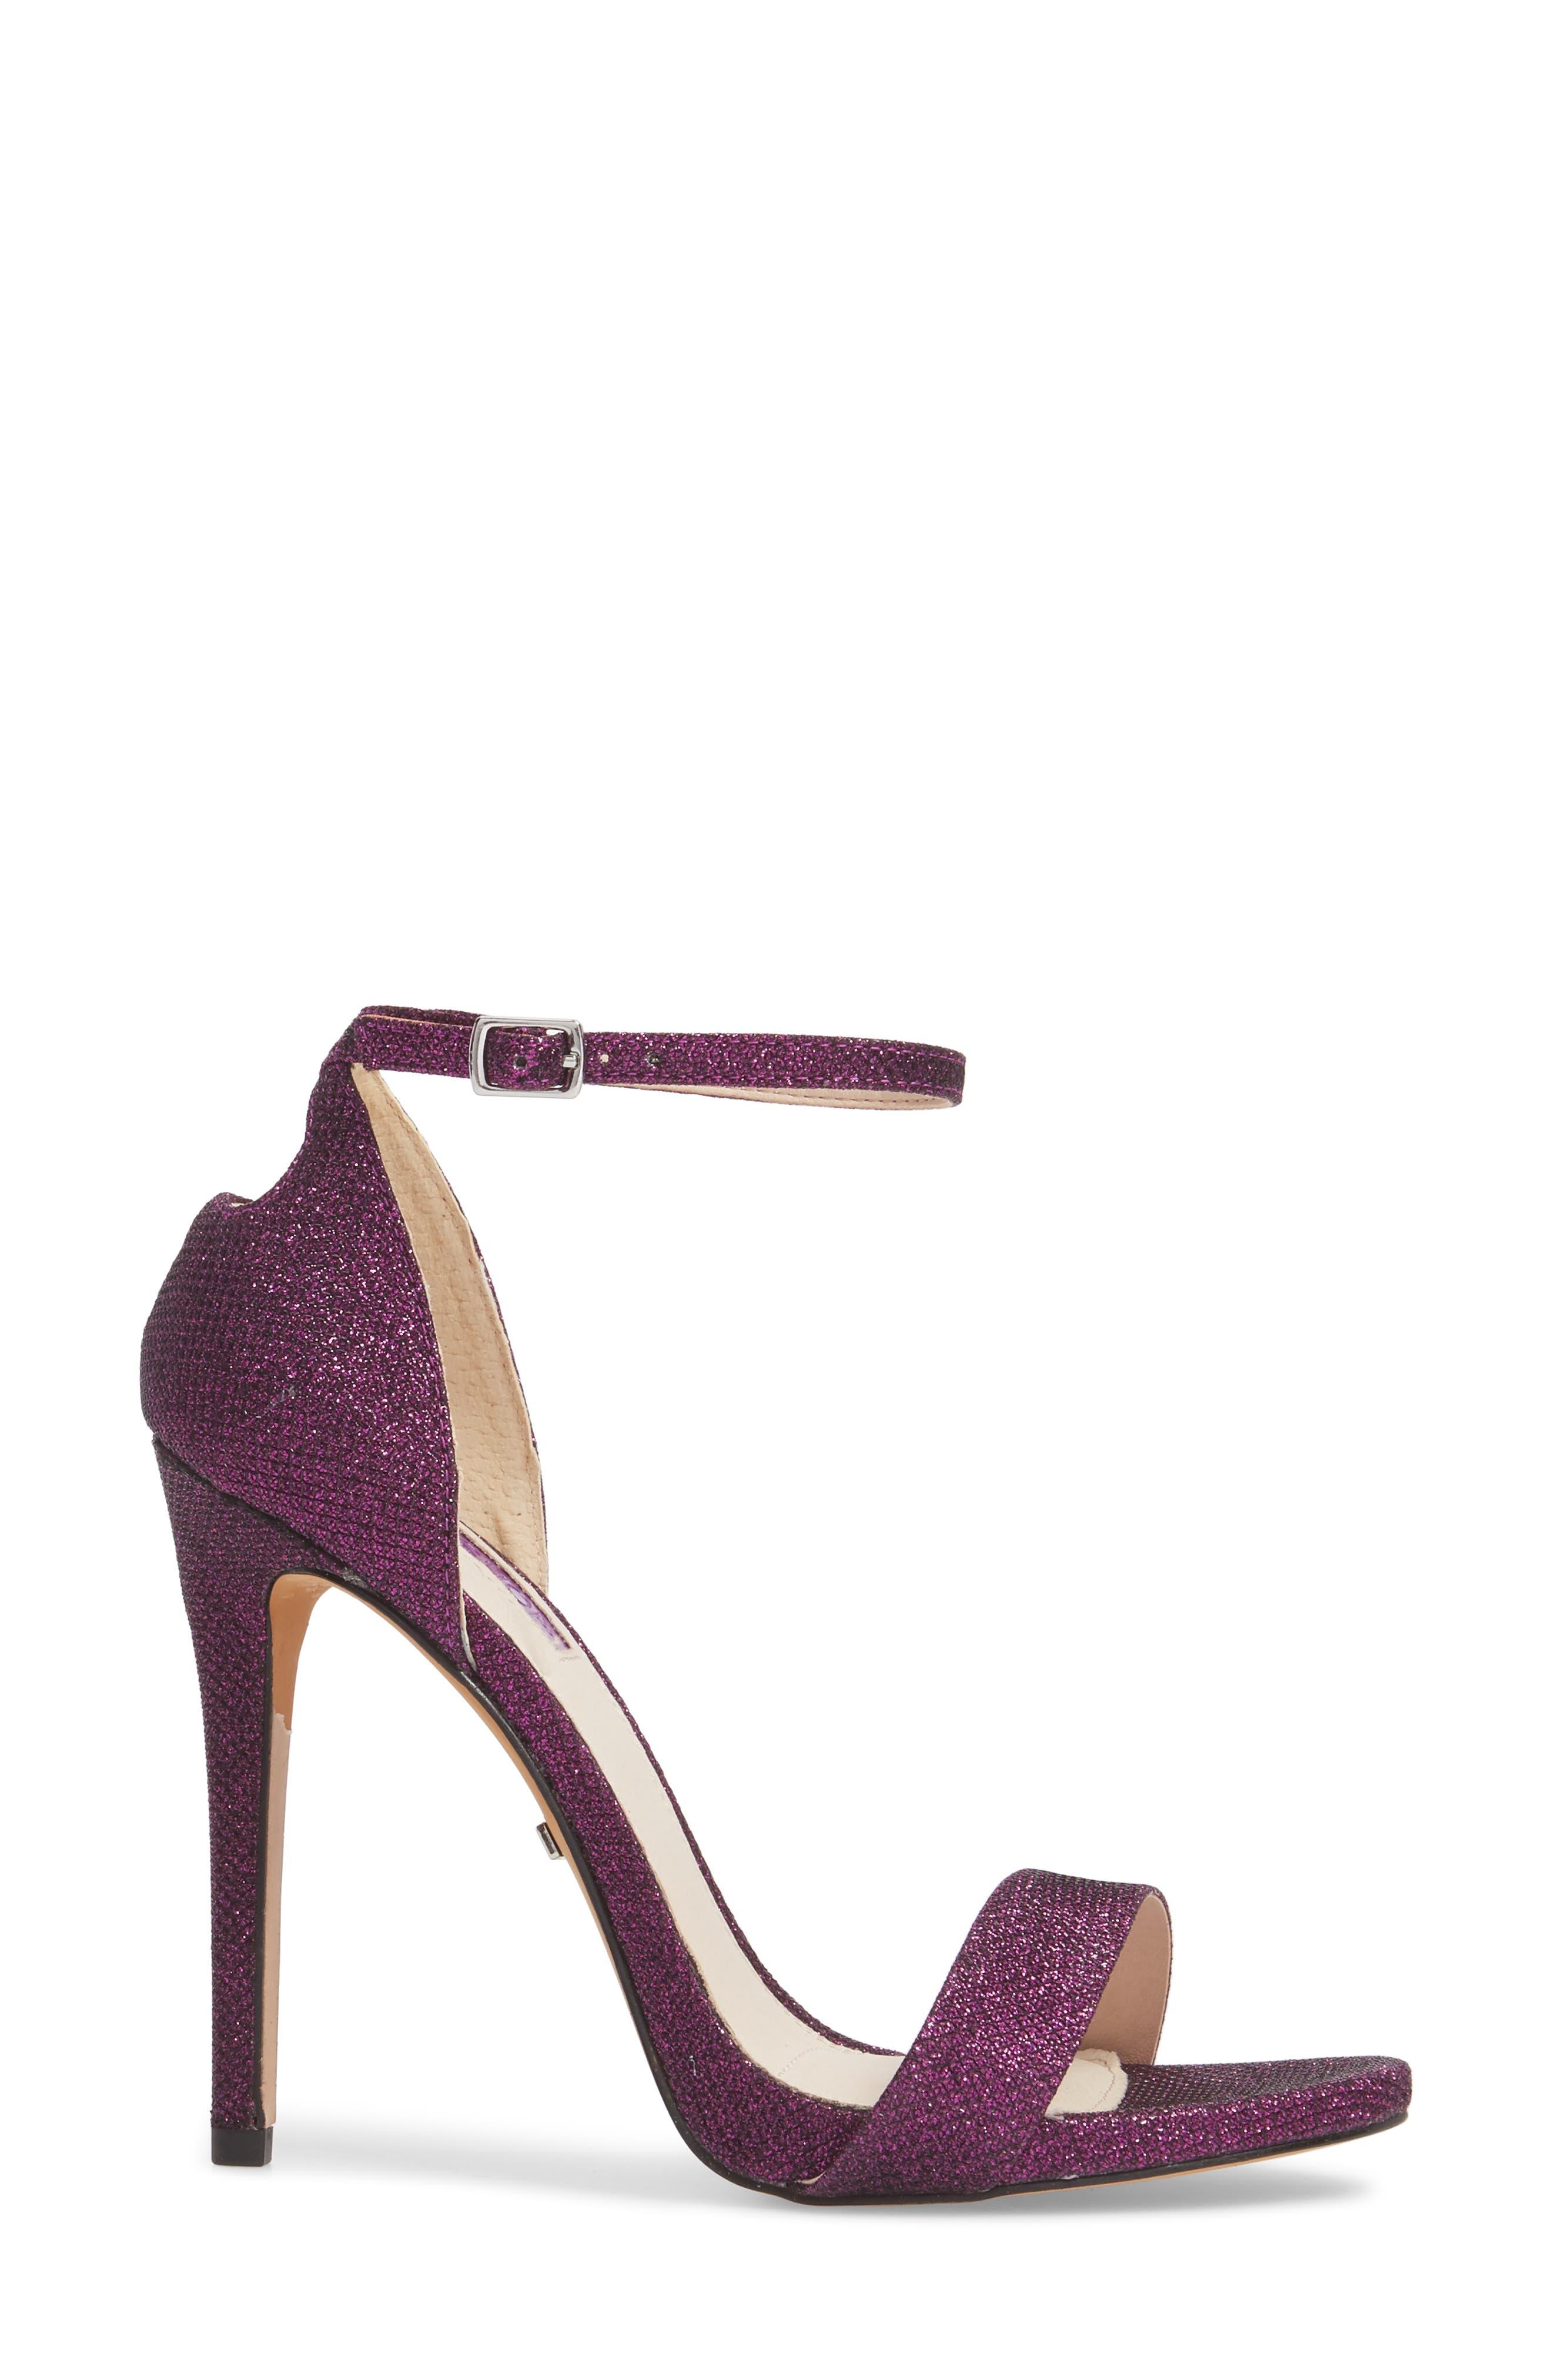 Raphie Ankle Strap Sandal,                             Alternate thumbnail 3, color,                             PURPLE